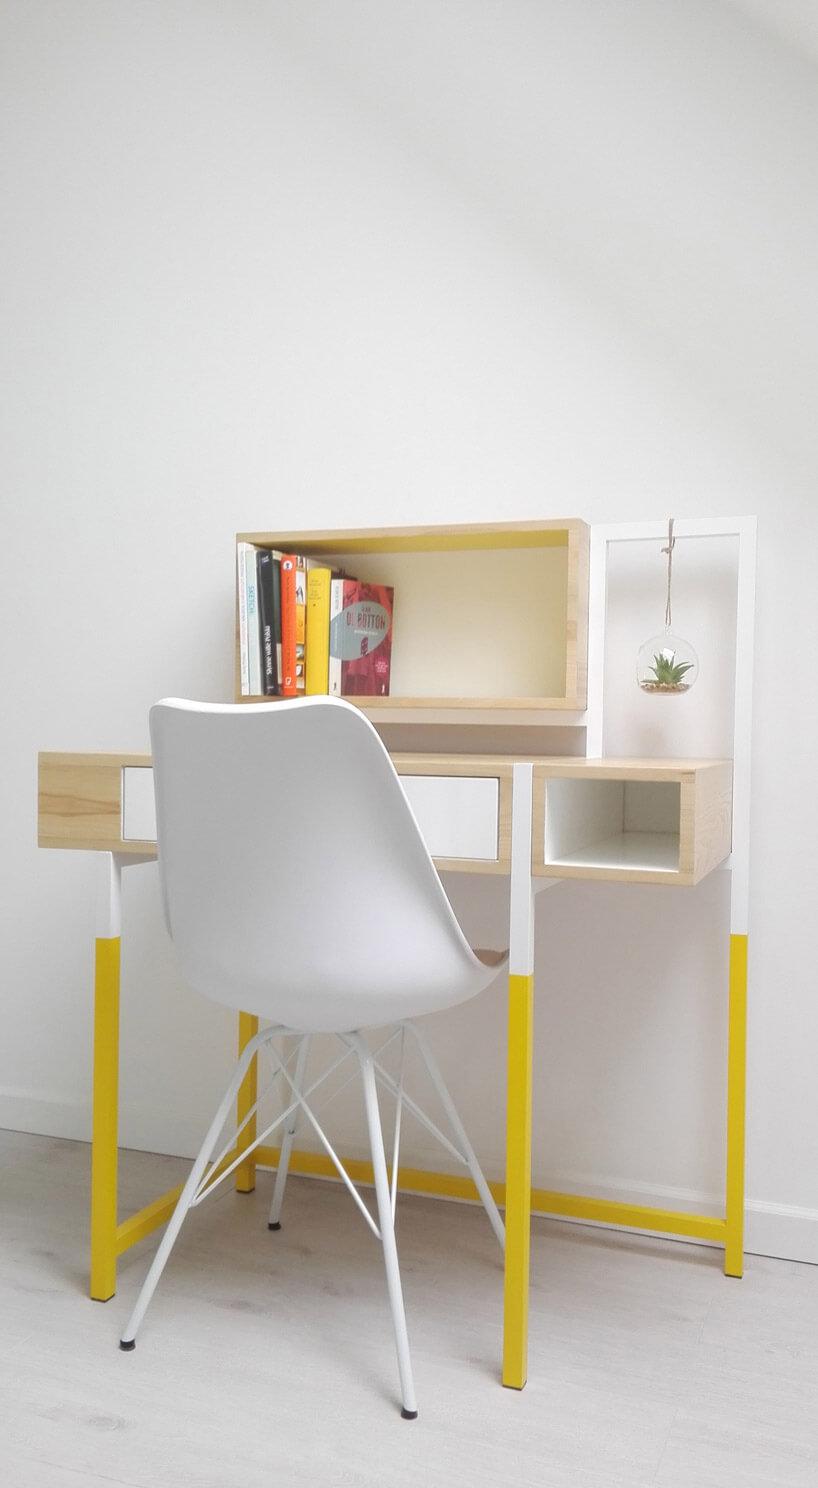 białe krzesło przy biurku zdrewna zmetalowymi nogami pomalowanymi na kolor żółty